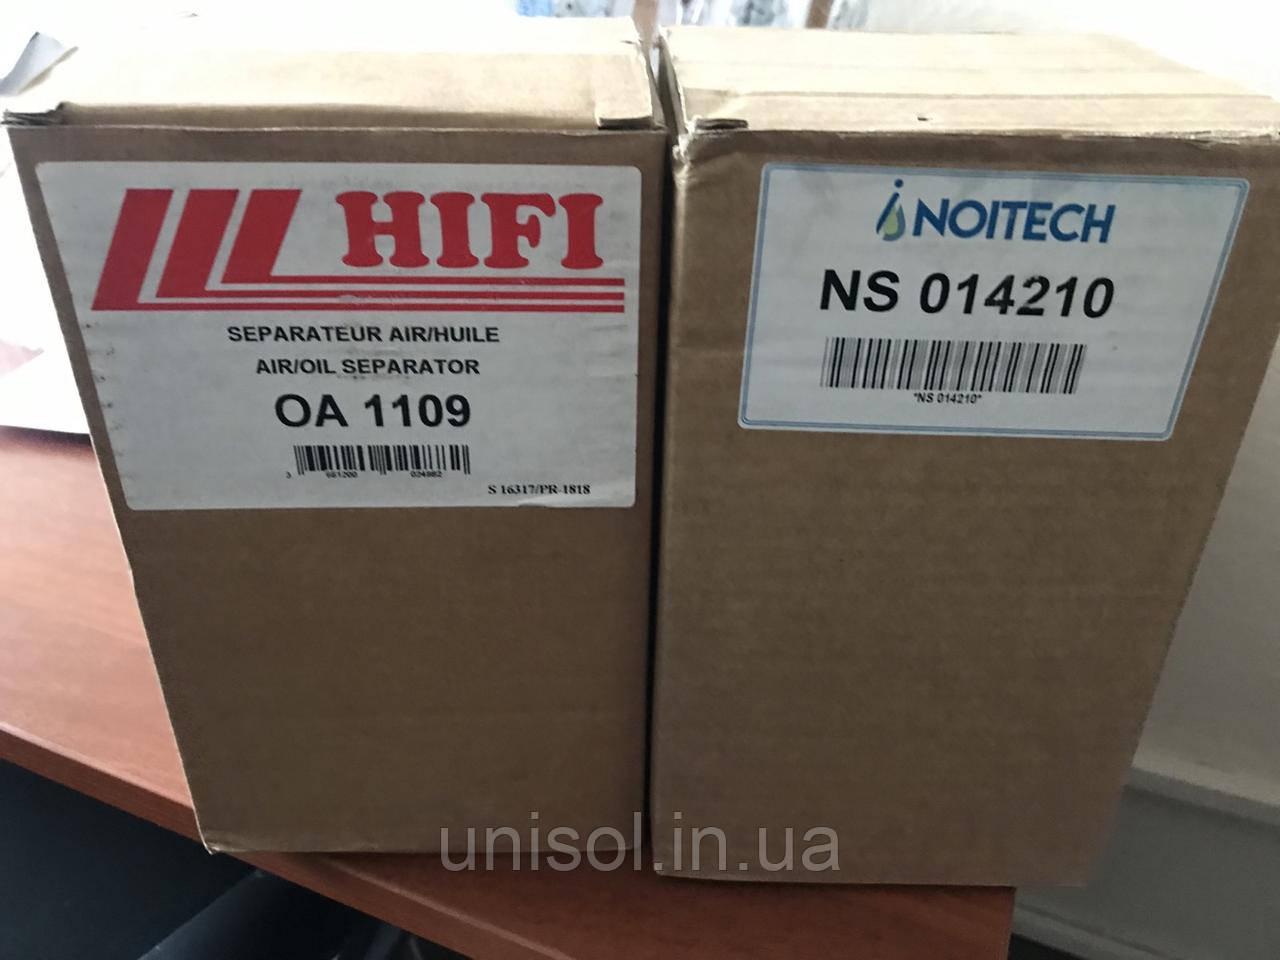 Сепаратор ATLAS COPCO 1615943600, Noitech NS 014210, HIFI FILTER OA 1109, Sotras DA 1142